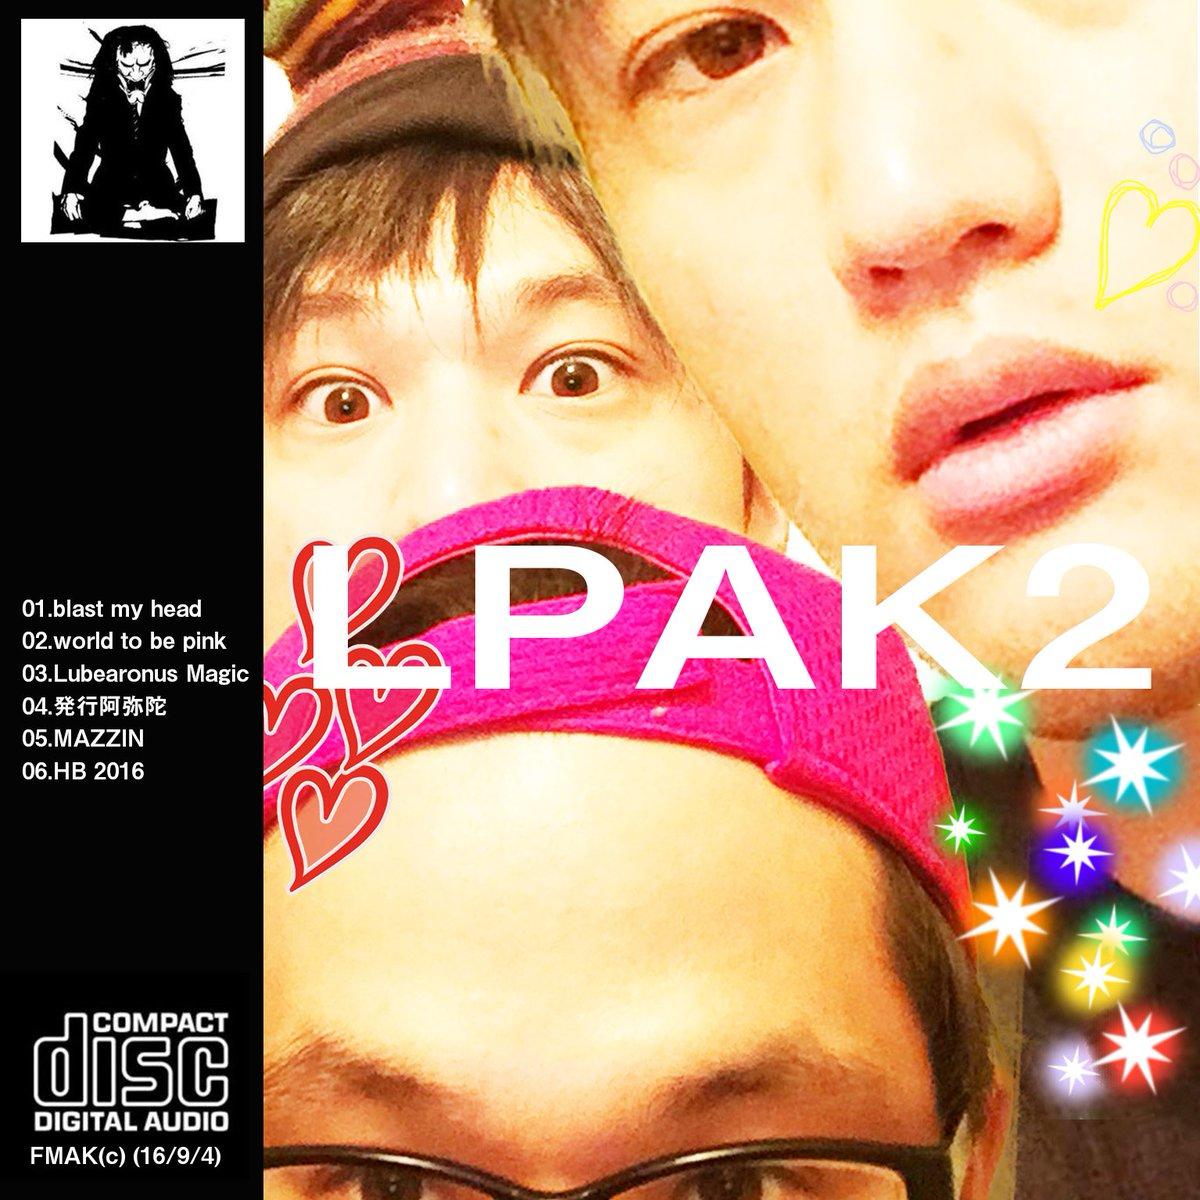 2016/9/4(sun)AMプチオンリーinグッコミ、東1ホール サ25aにて、LUPIAカバーアルバム「LPAK2」を頒布致します、6曲入り¥500- https://t.co/BYD73agfp7